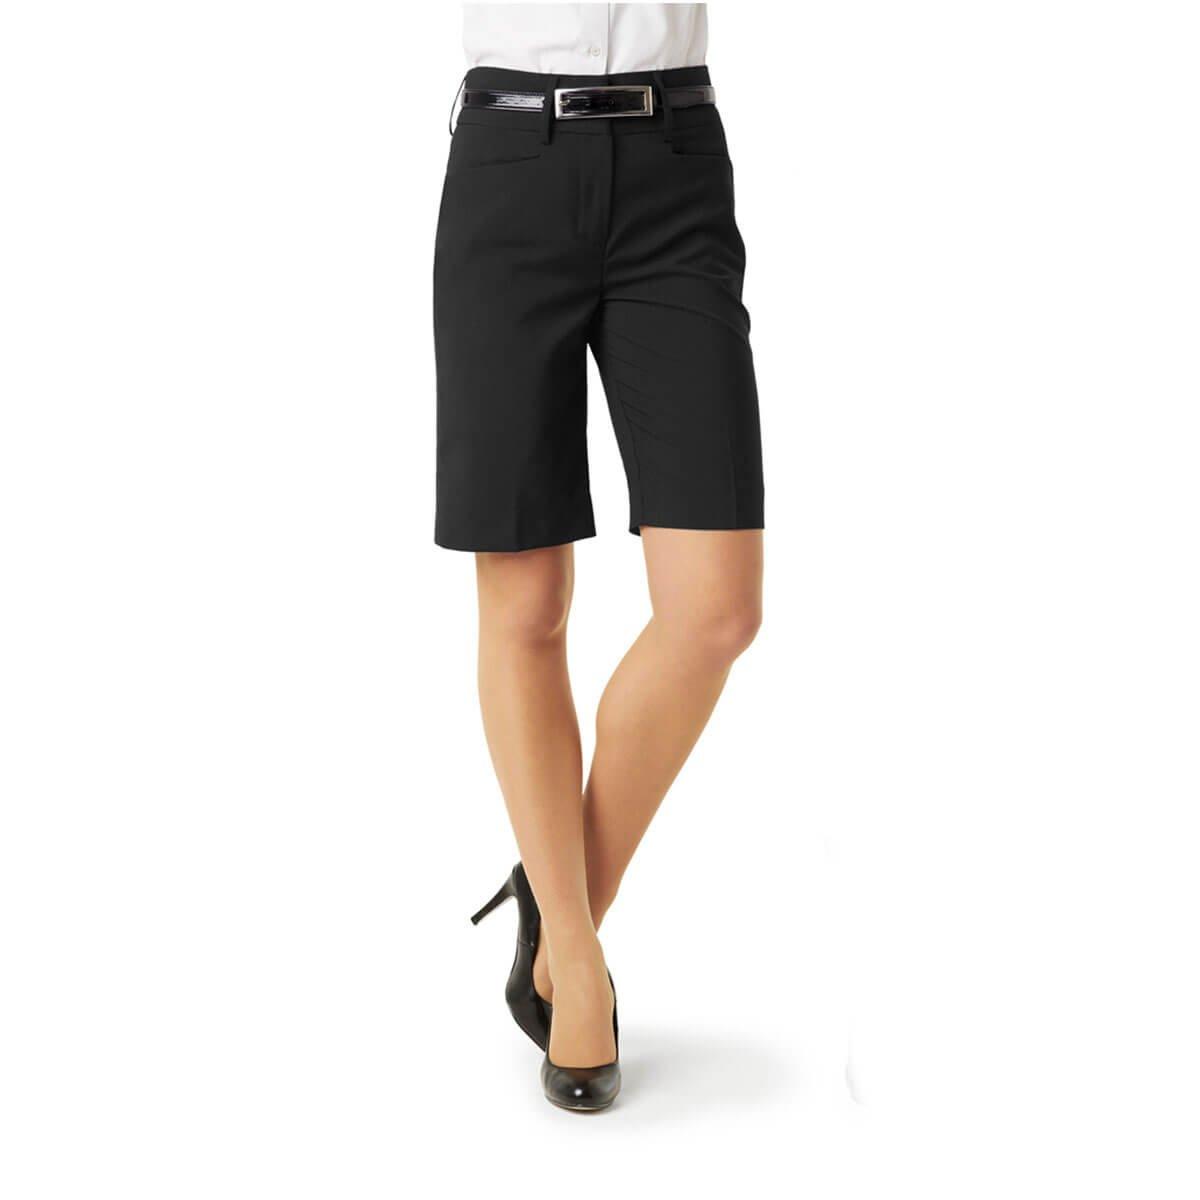 Ladies Classic Short-Black